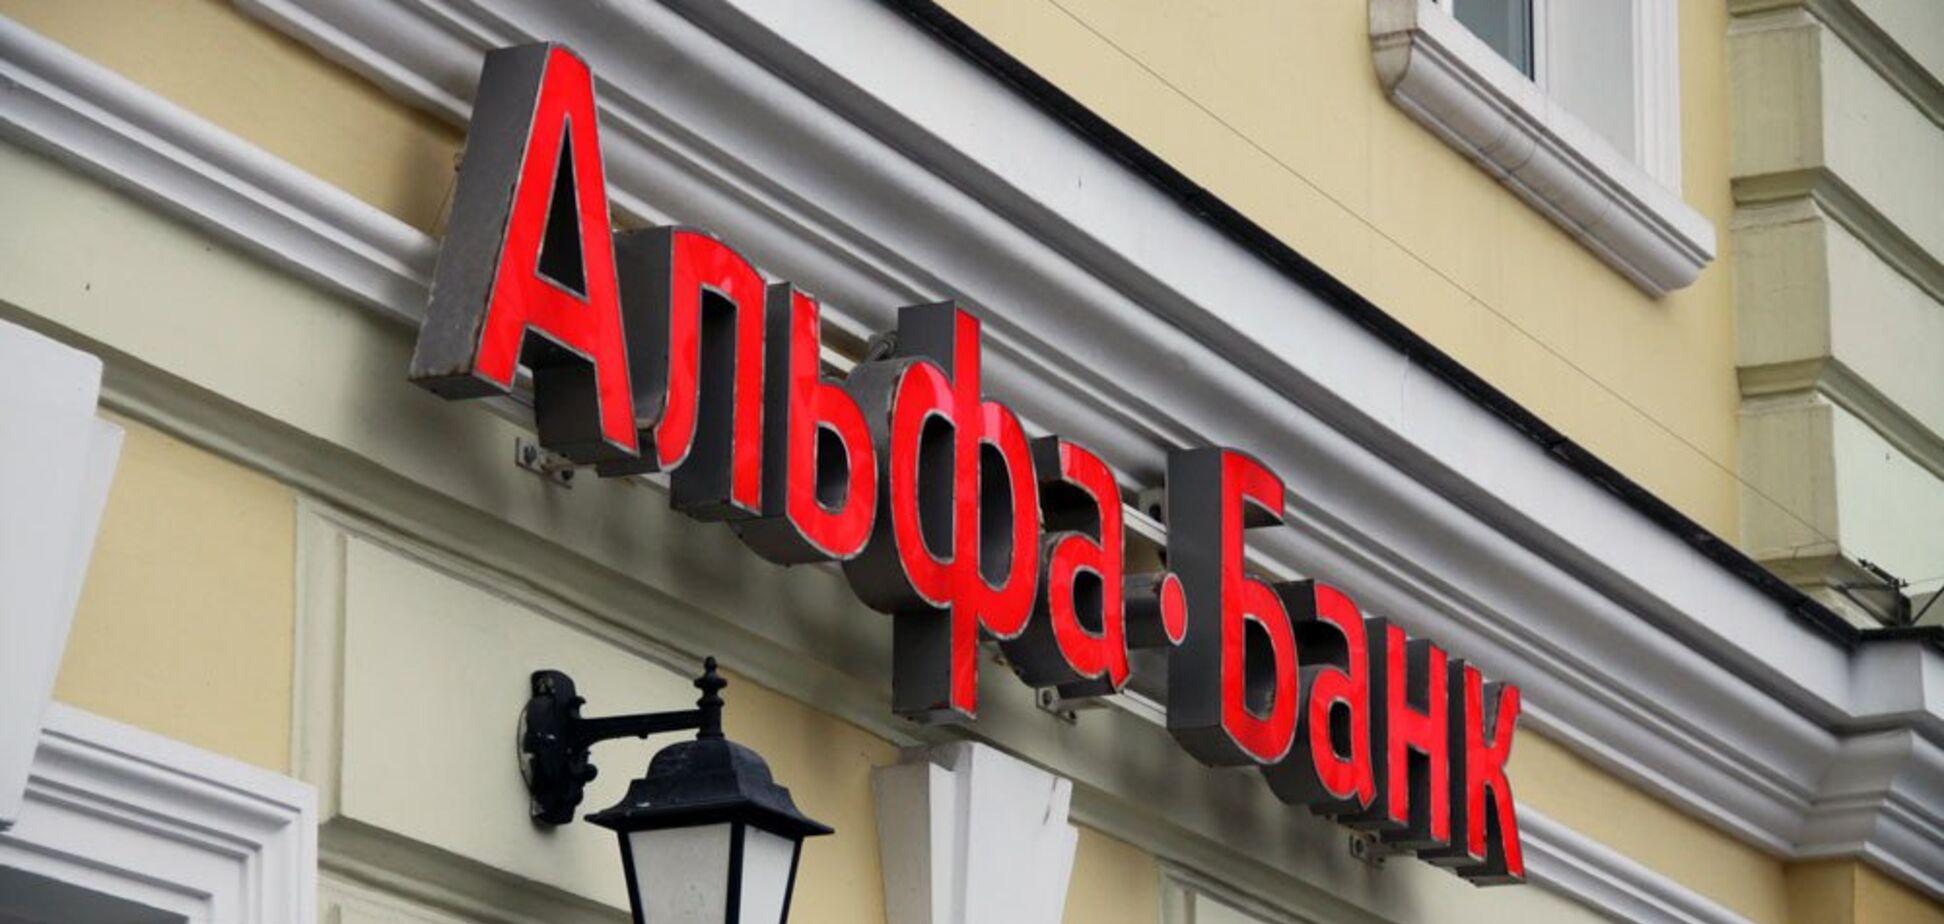 Два проверенных способа заработать с банковской картой до 5 000 грн в месяц